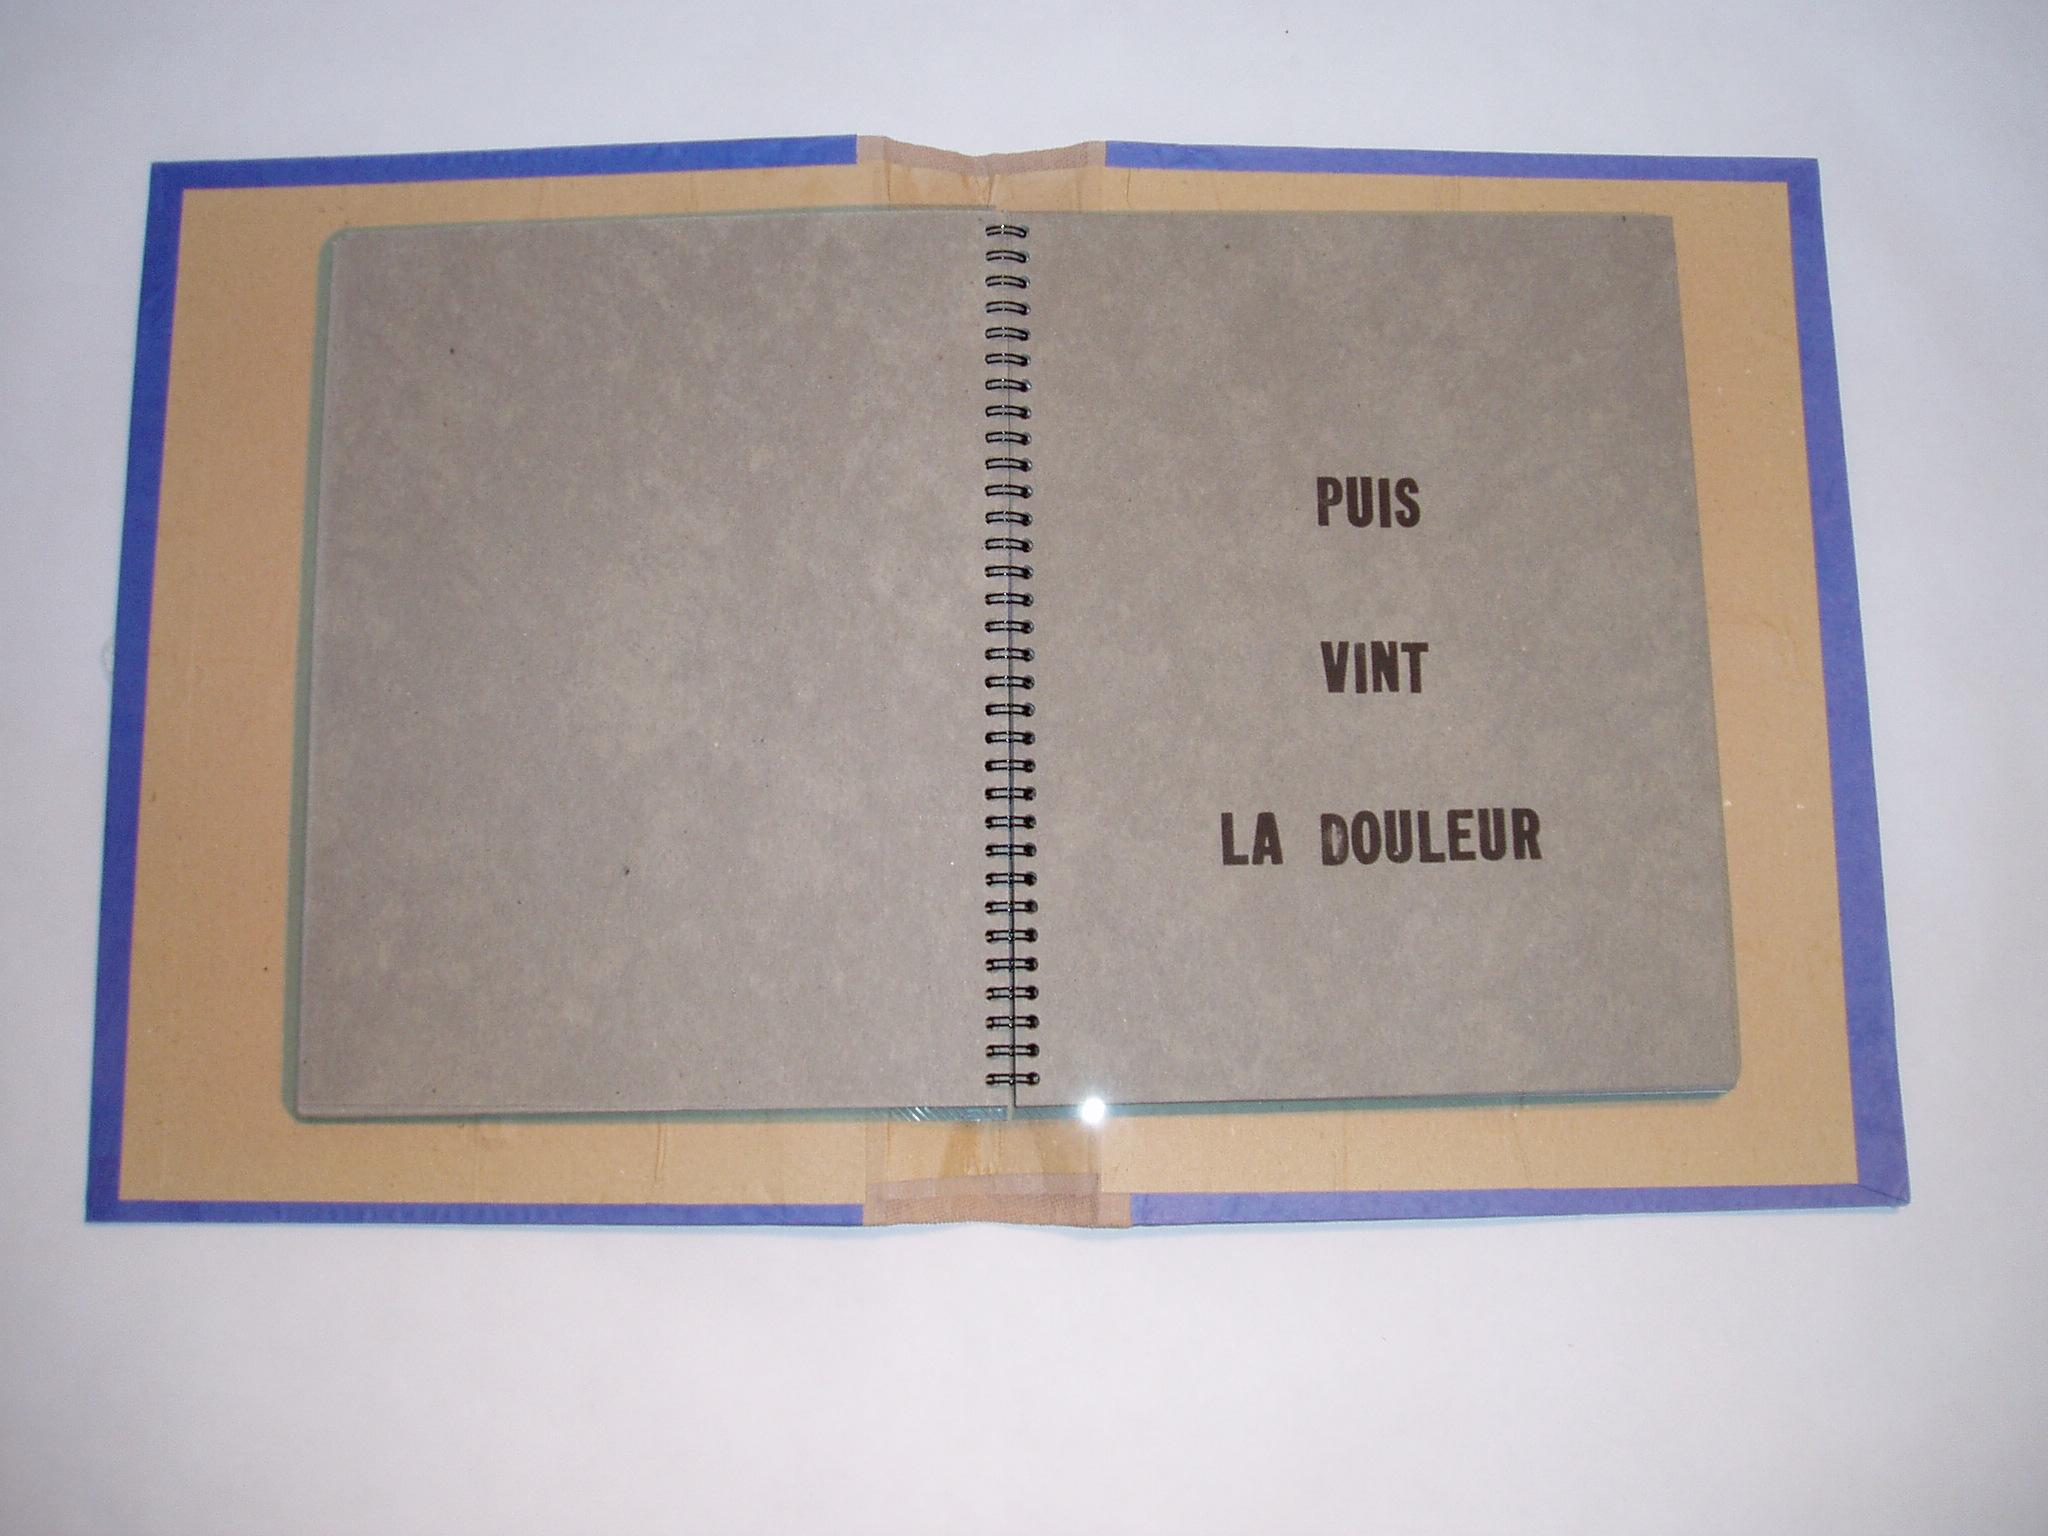 06. Lead pp 9-10.jpg